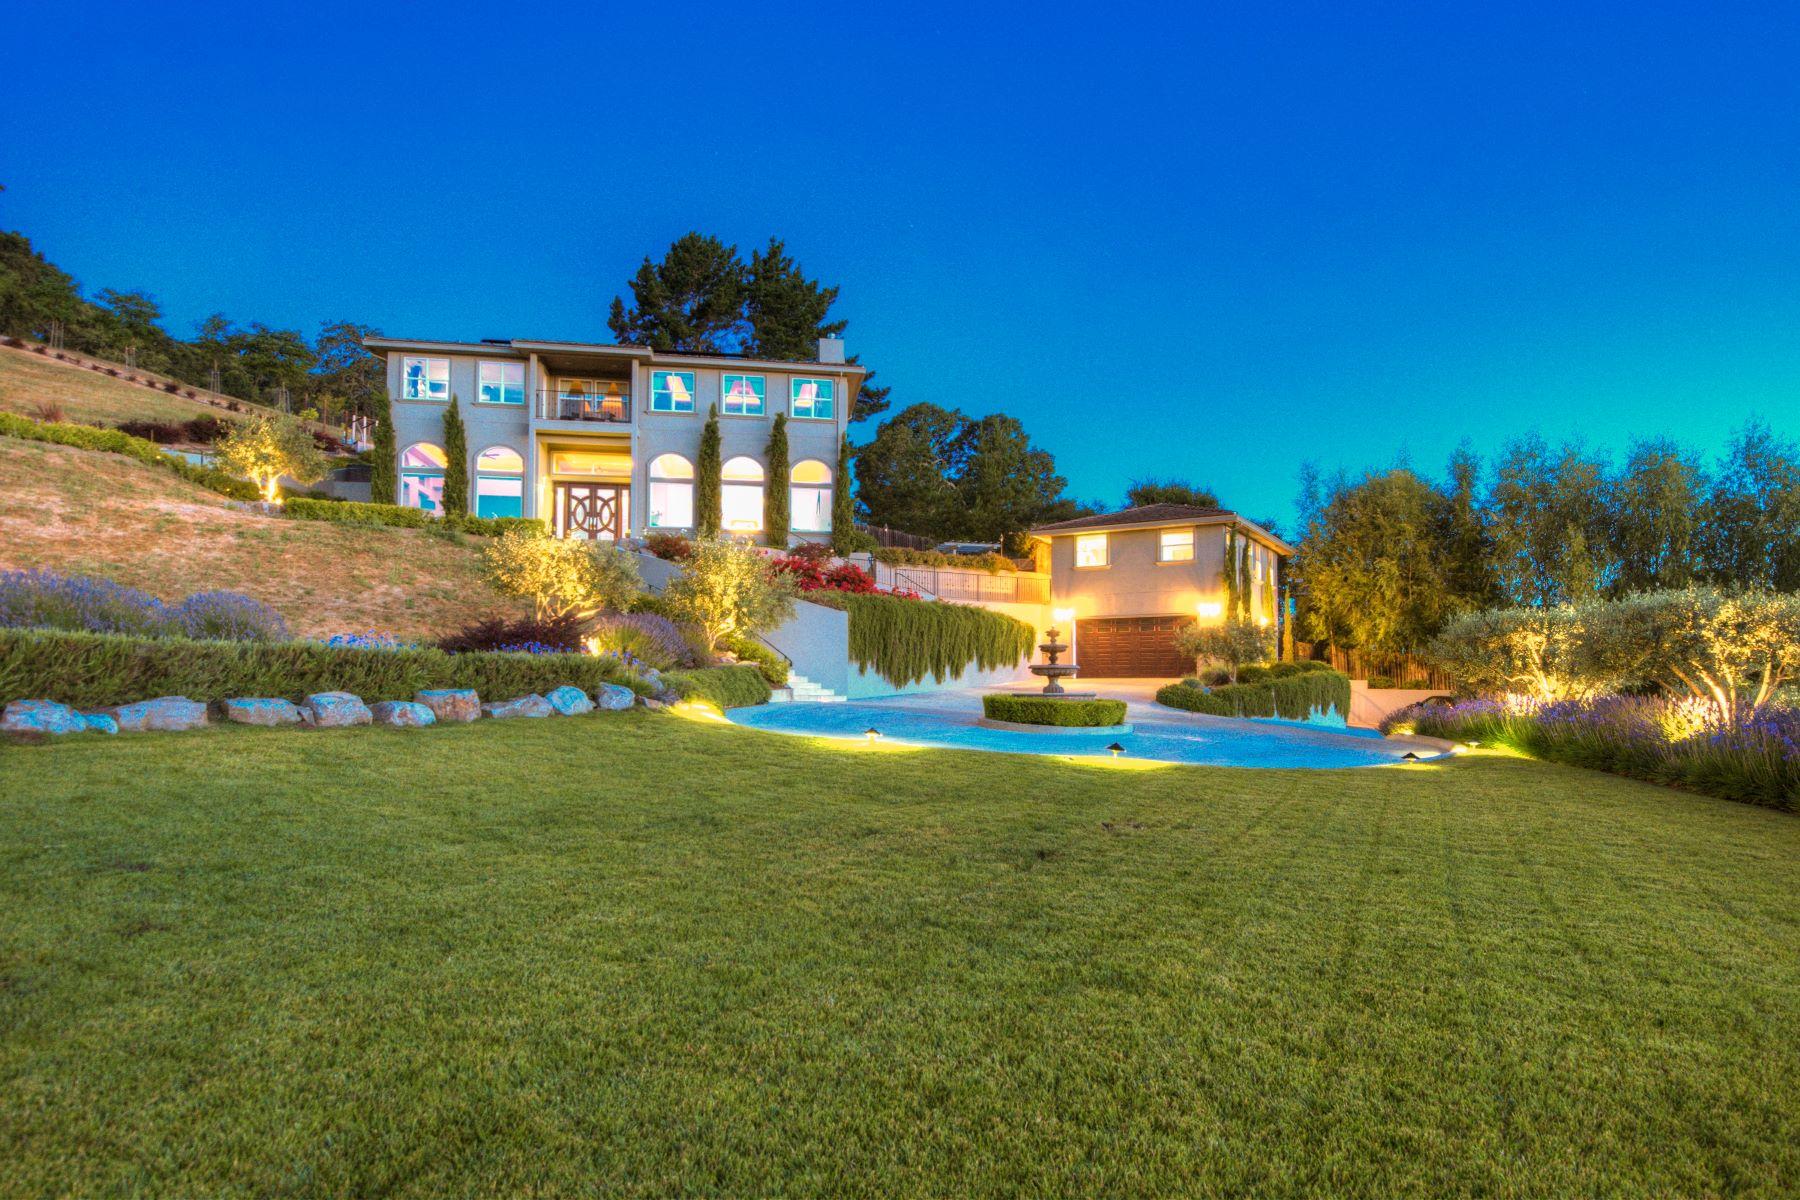 独户住宅 为 销售 在 3547 Lowrey Court 纳帕, 加利福尼亚州 94558 美国